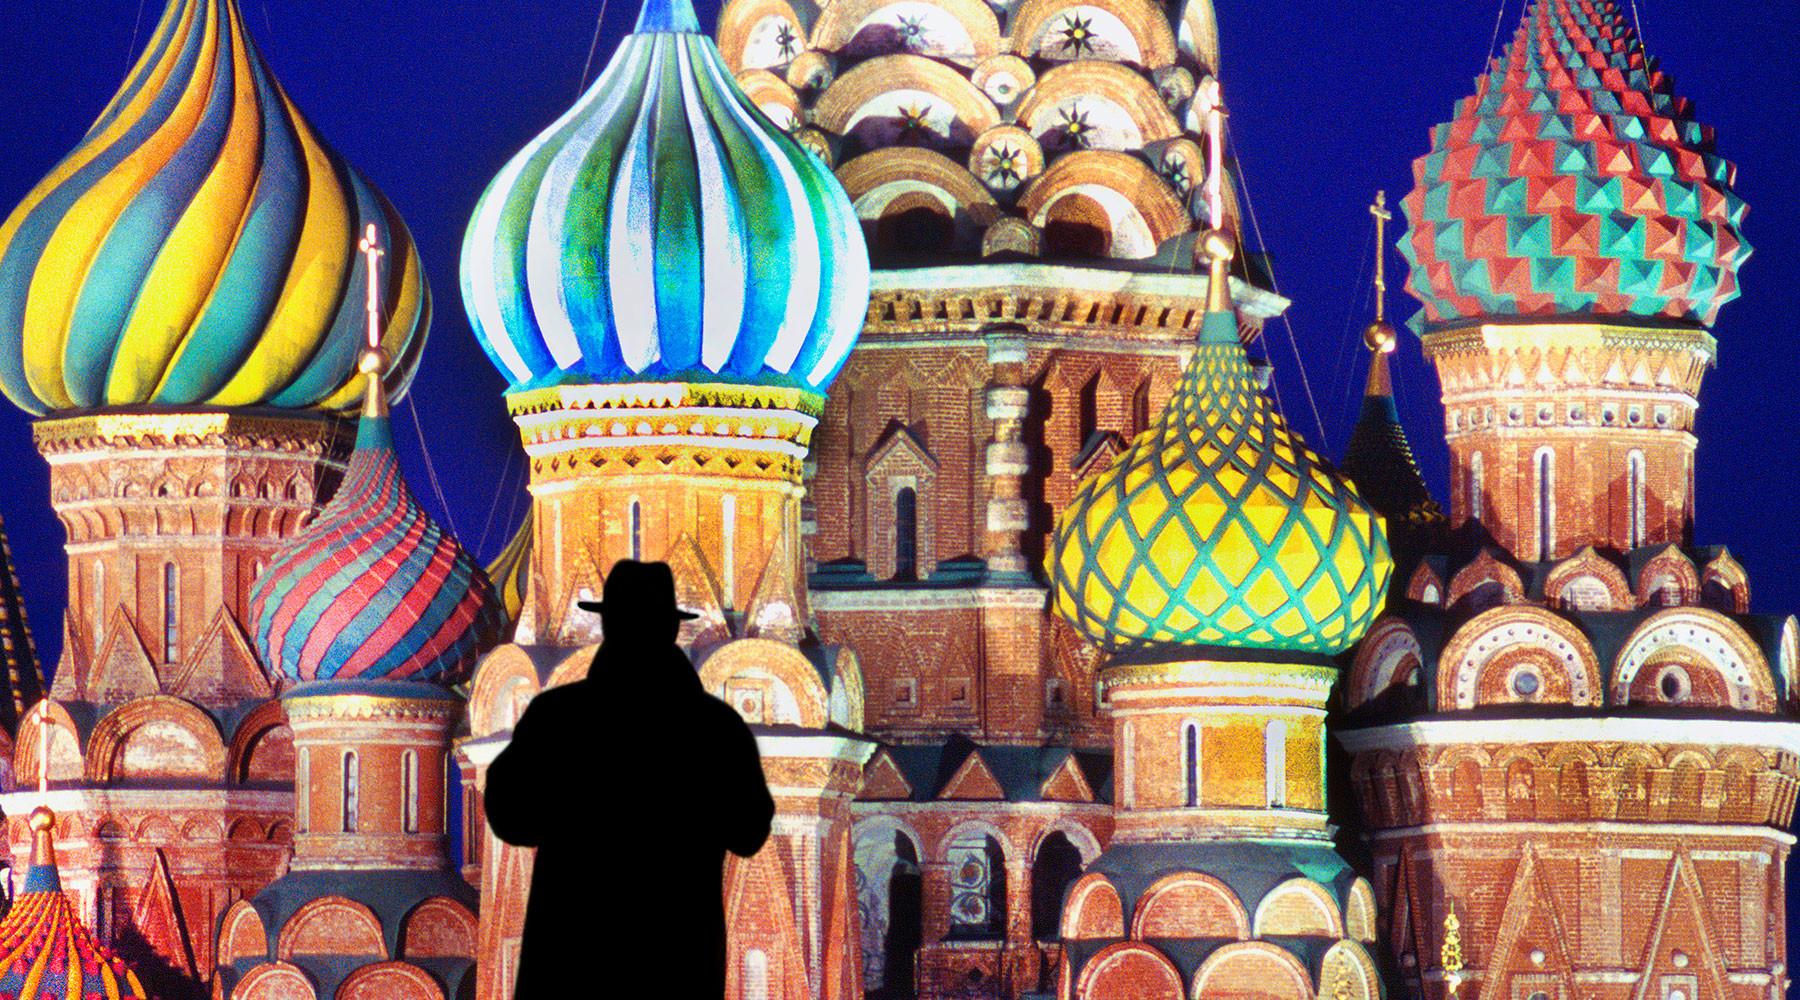 нелегальная разведка России отмечает 95-летний юбилей»